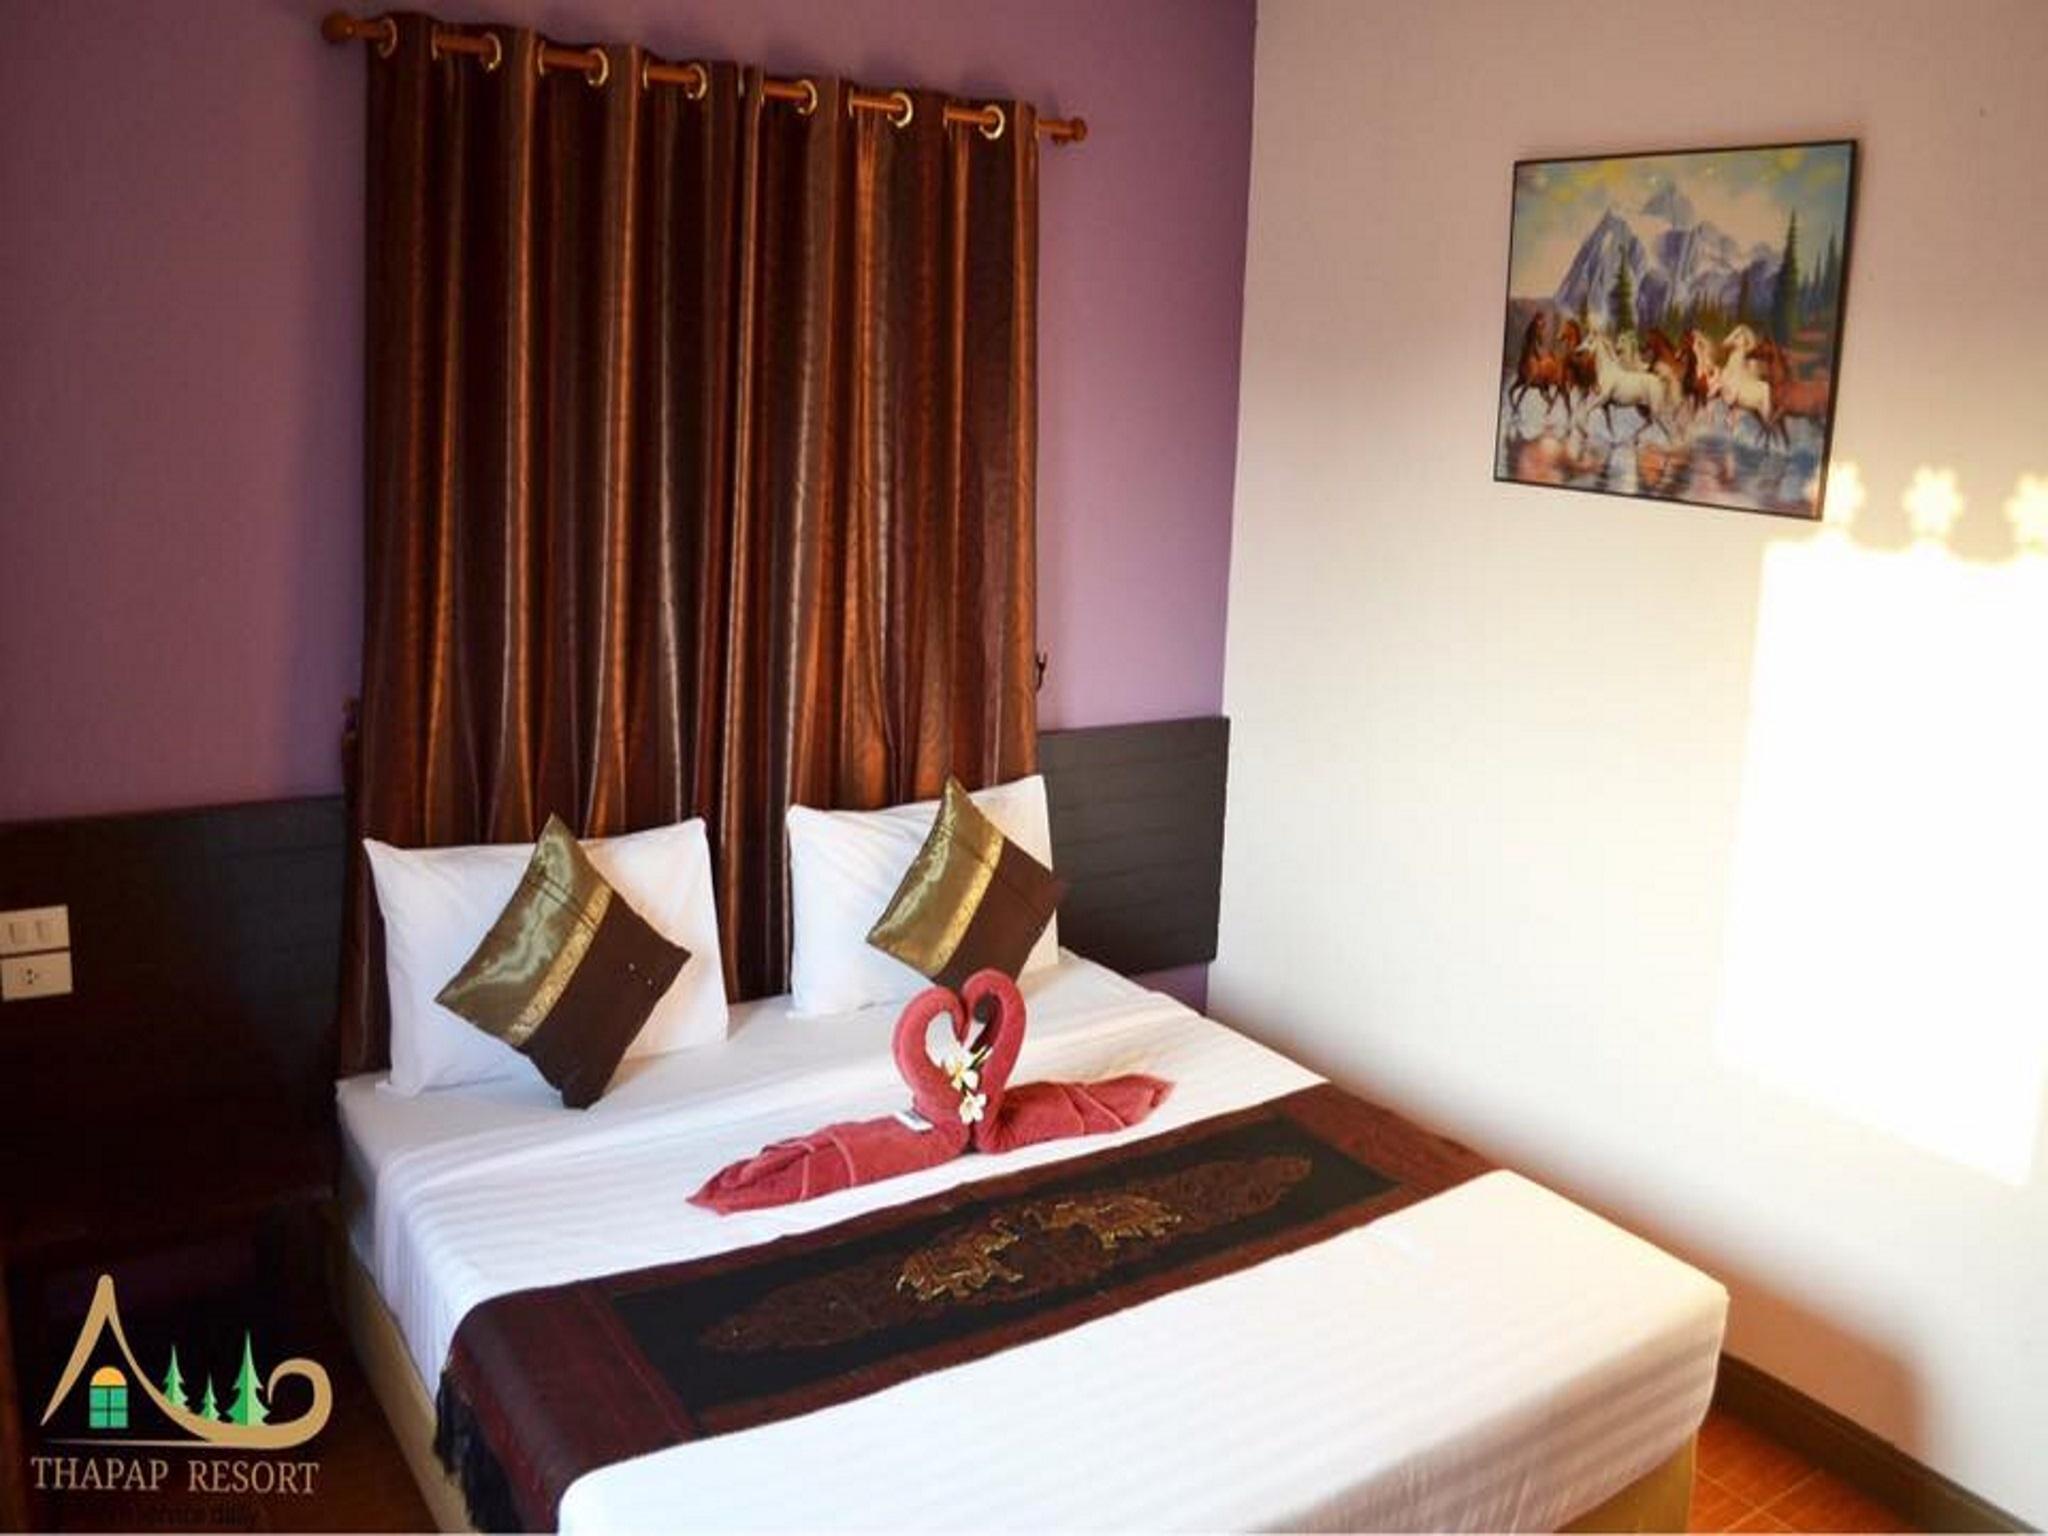 Tha-Pap Resort ท่าปาบ รีสอร์ท